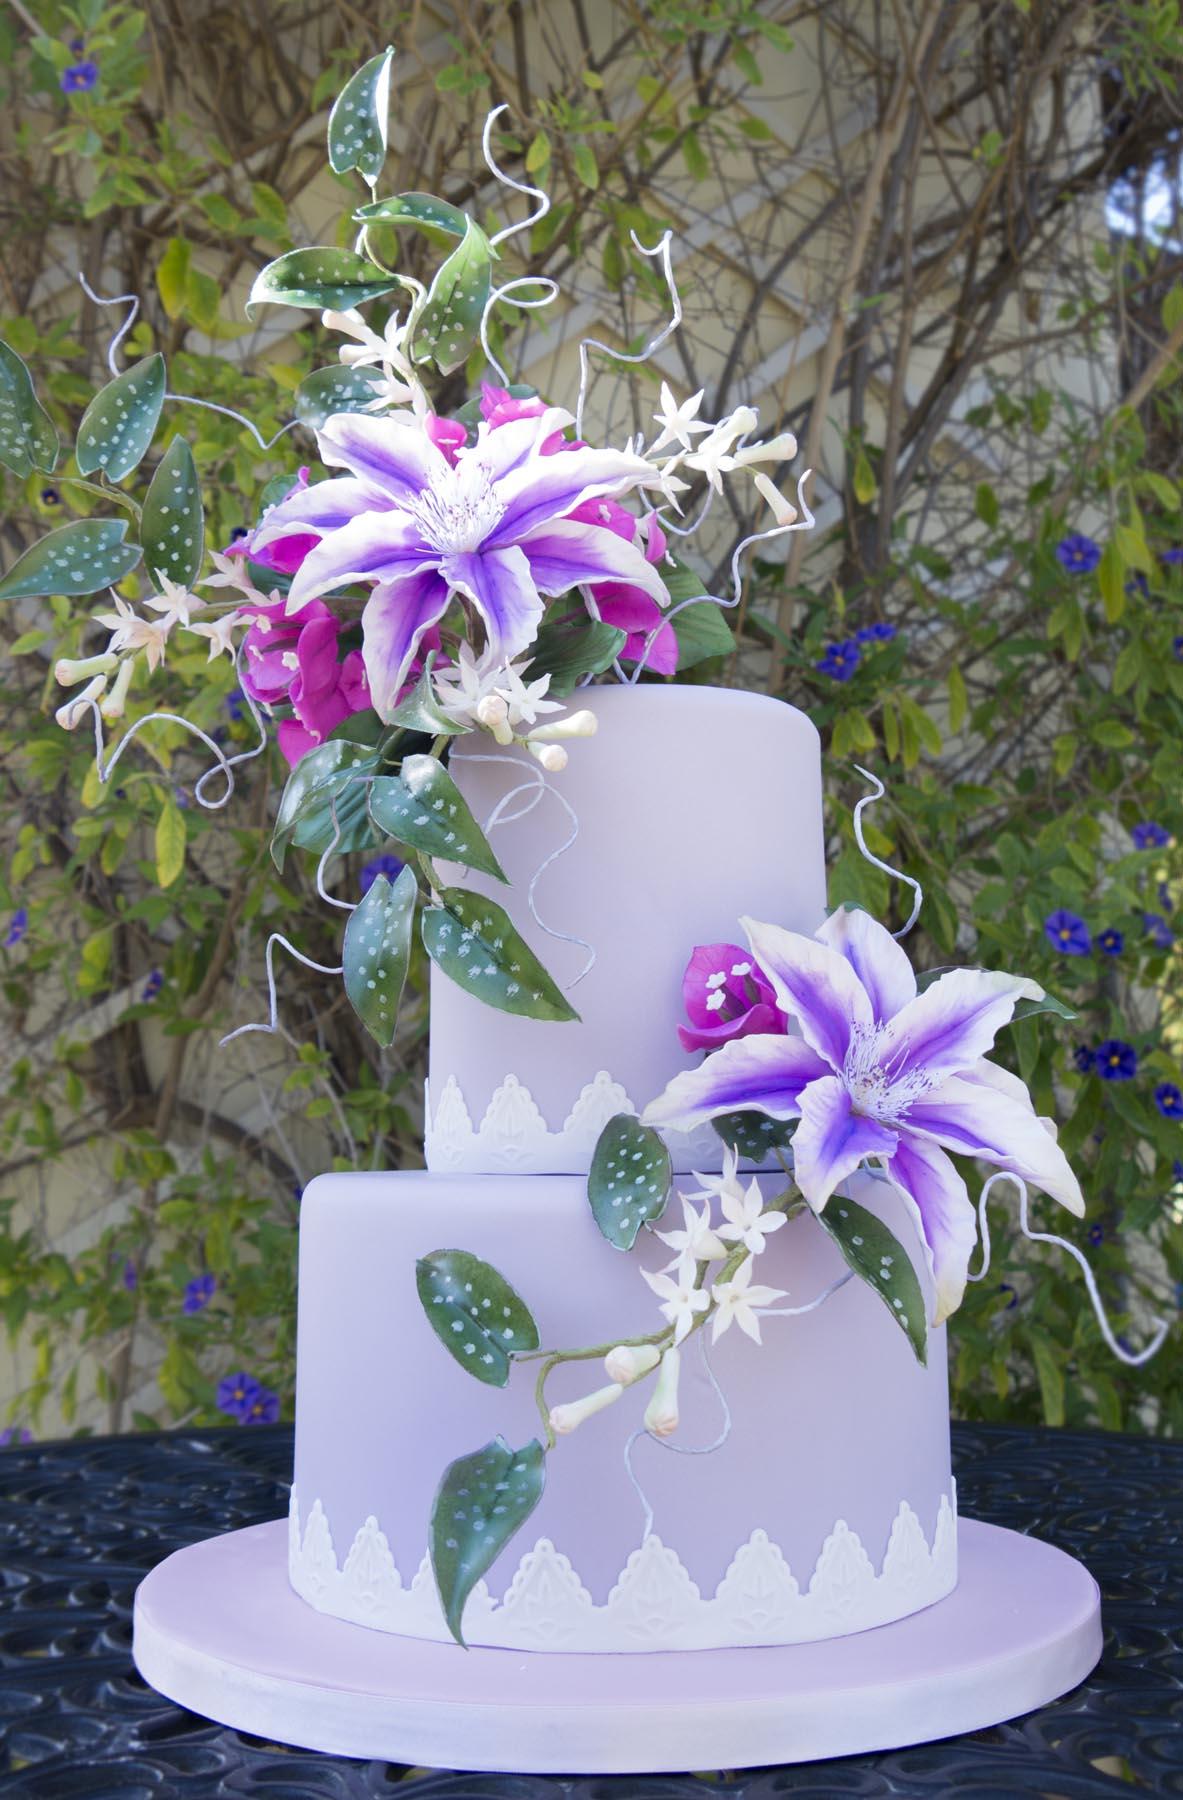 Clematis Wedding Cake 'Nancy' - CakeFlix